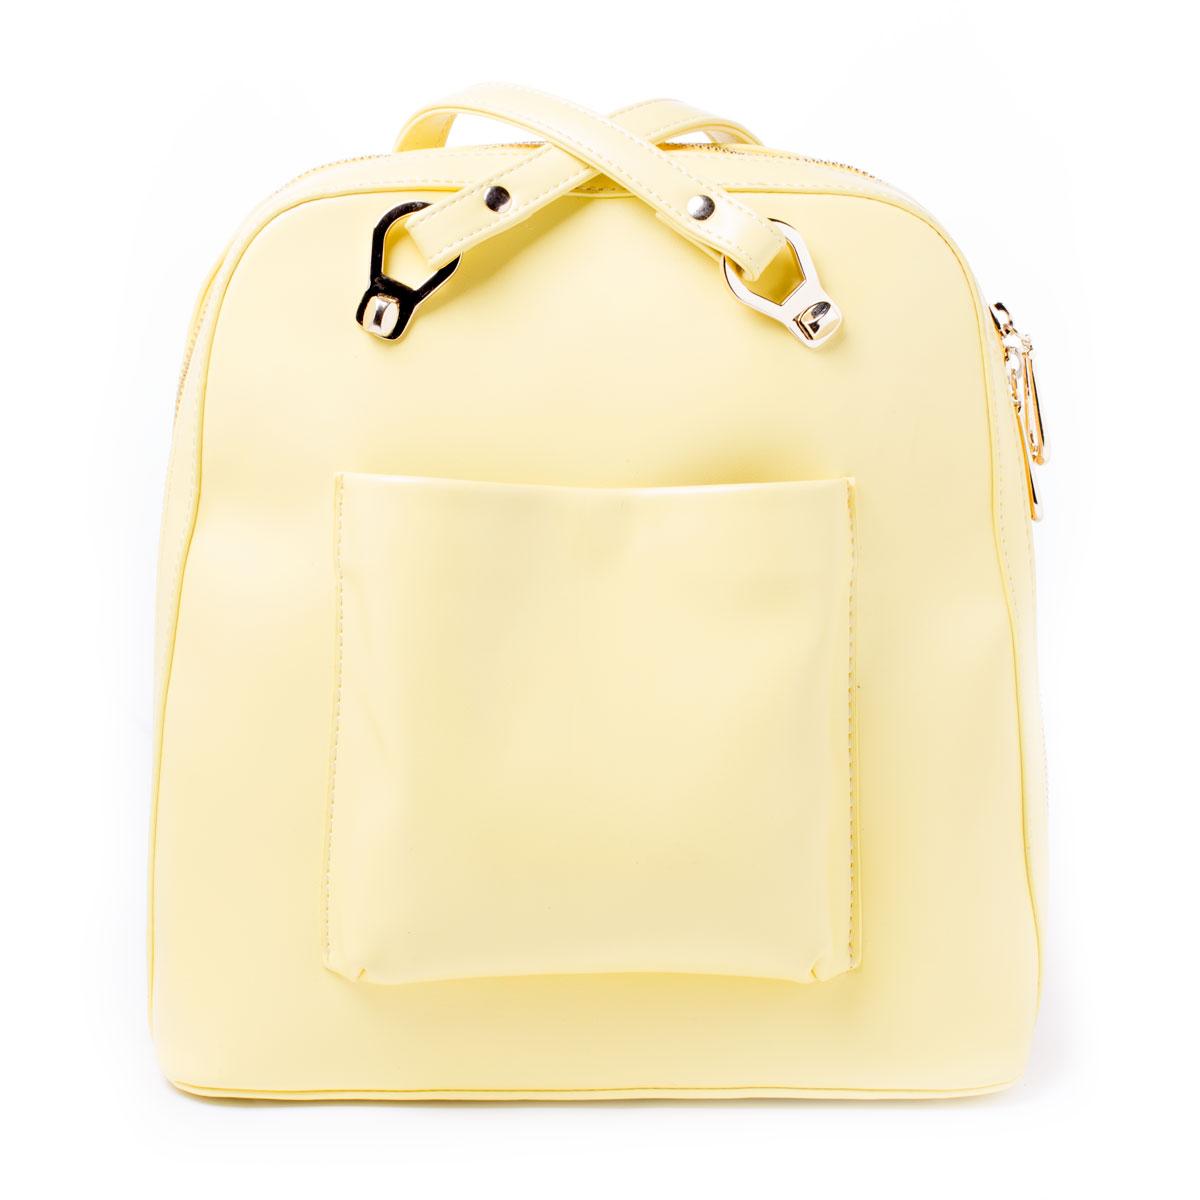 Сумка женская Baggini, цвет: желтый. 29063/8229063/82Сумка жен., иск. кожа